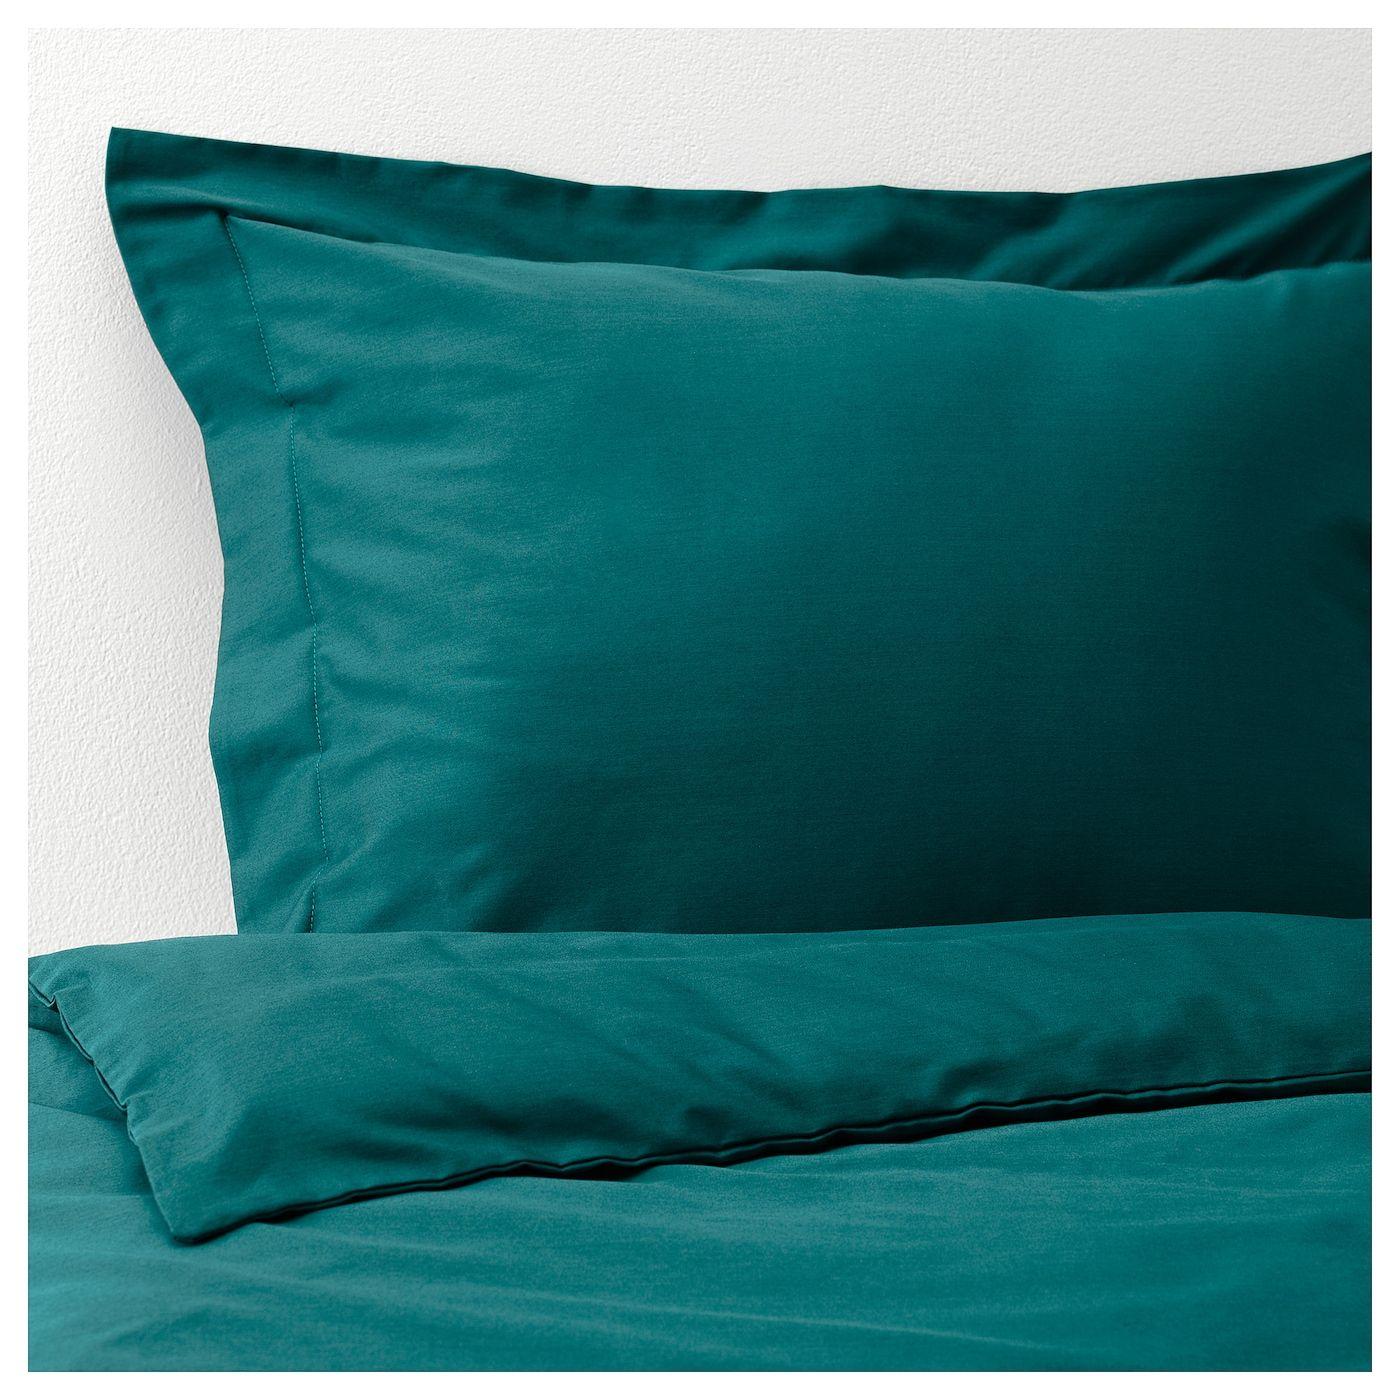 Luktjasmin Duvet Cover And Pillowcase S Dark Green Ikea Green Duvet Covers Duvet Covers Teal Duvet Cover